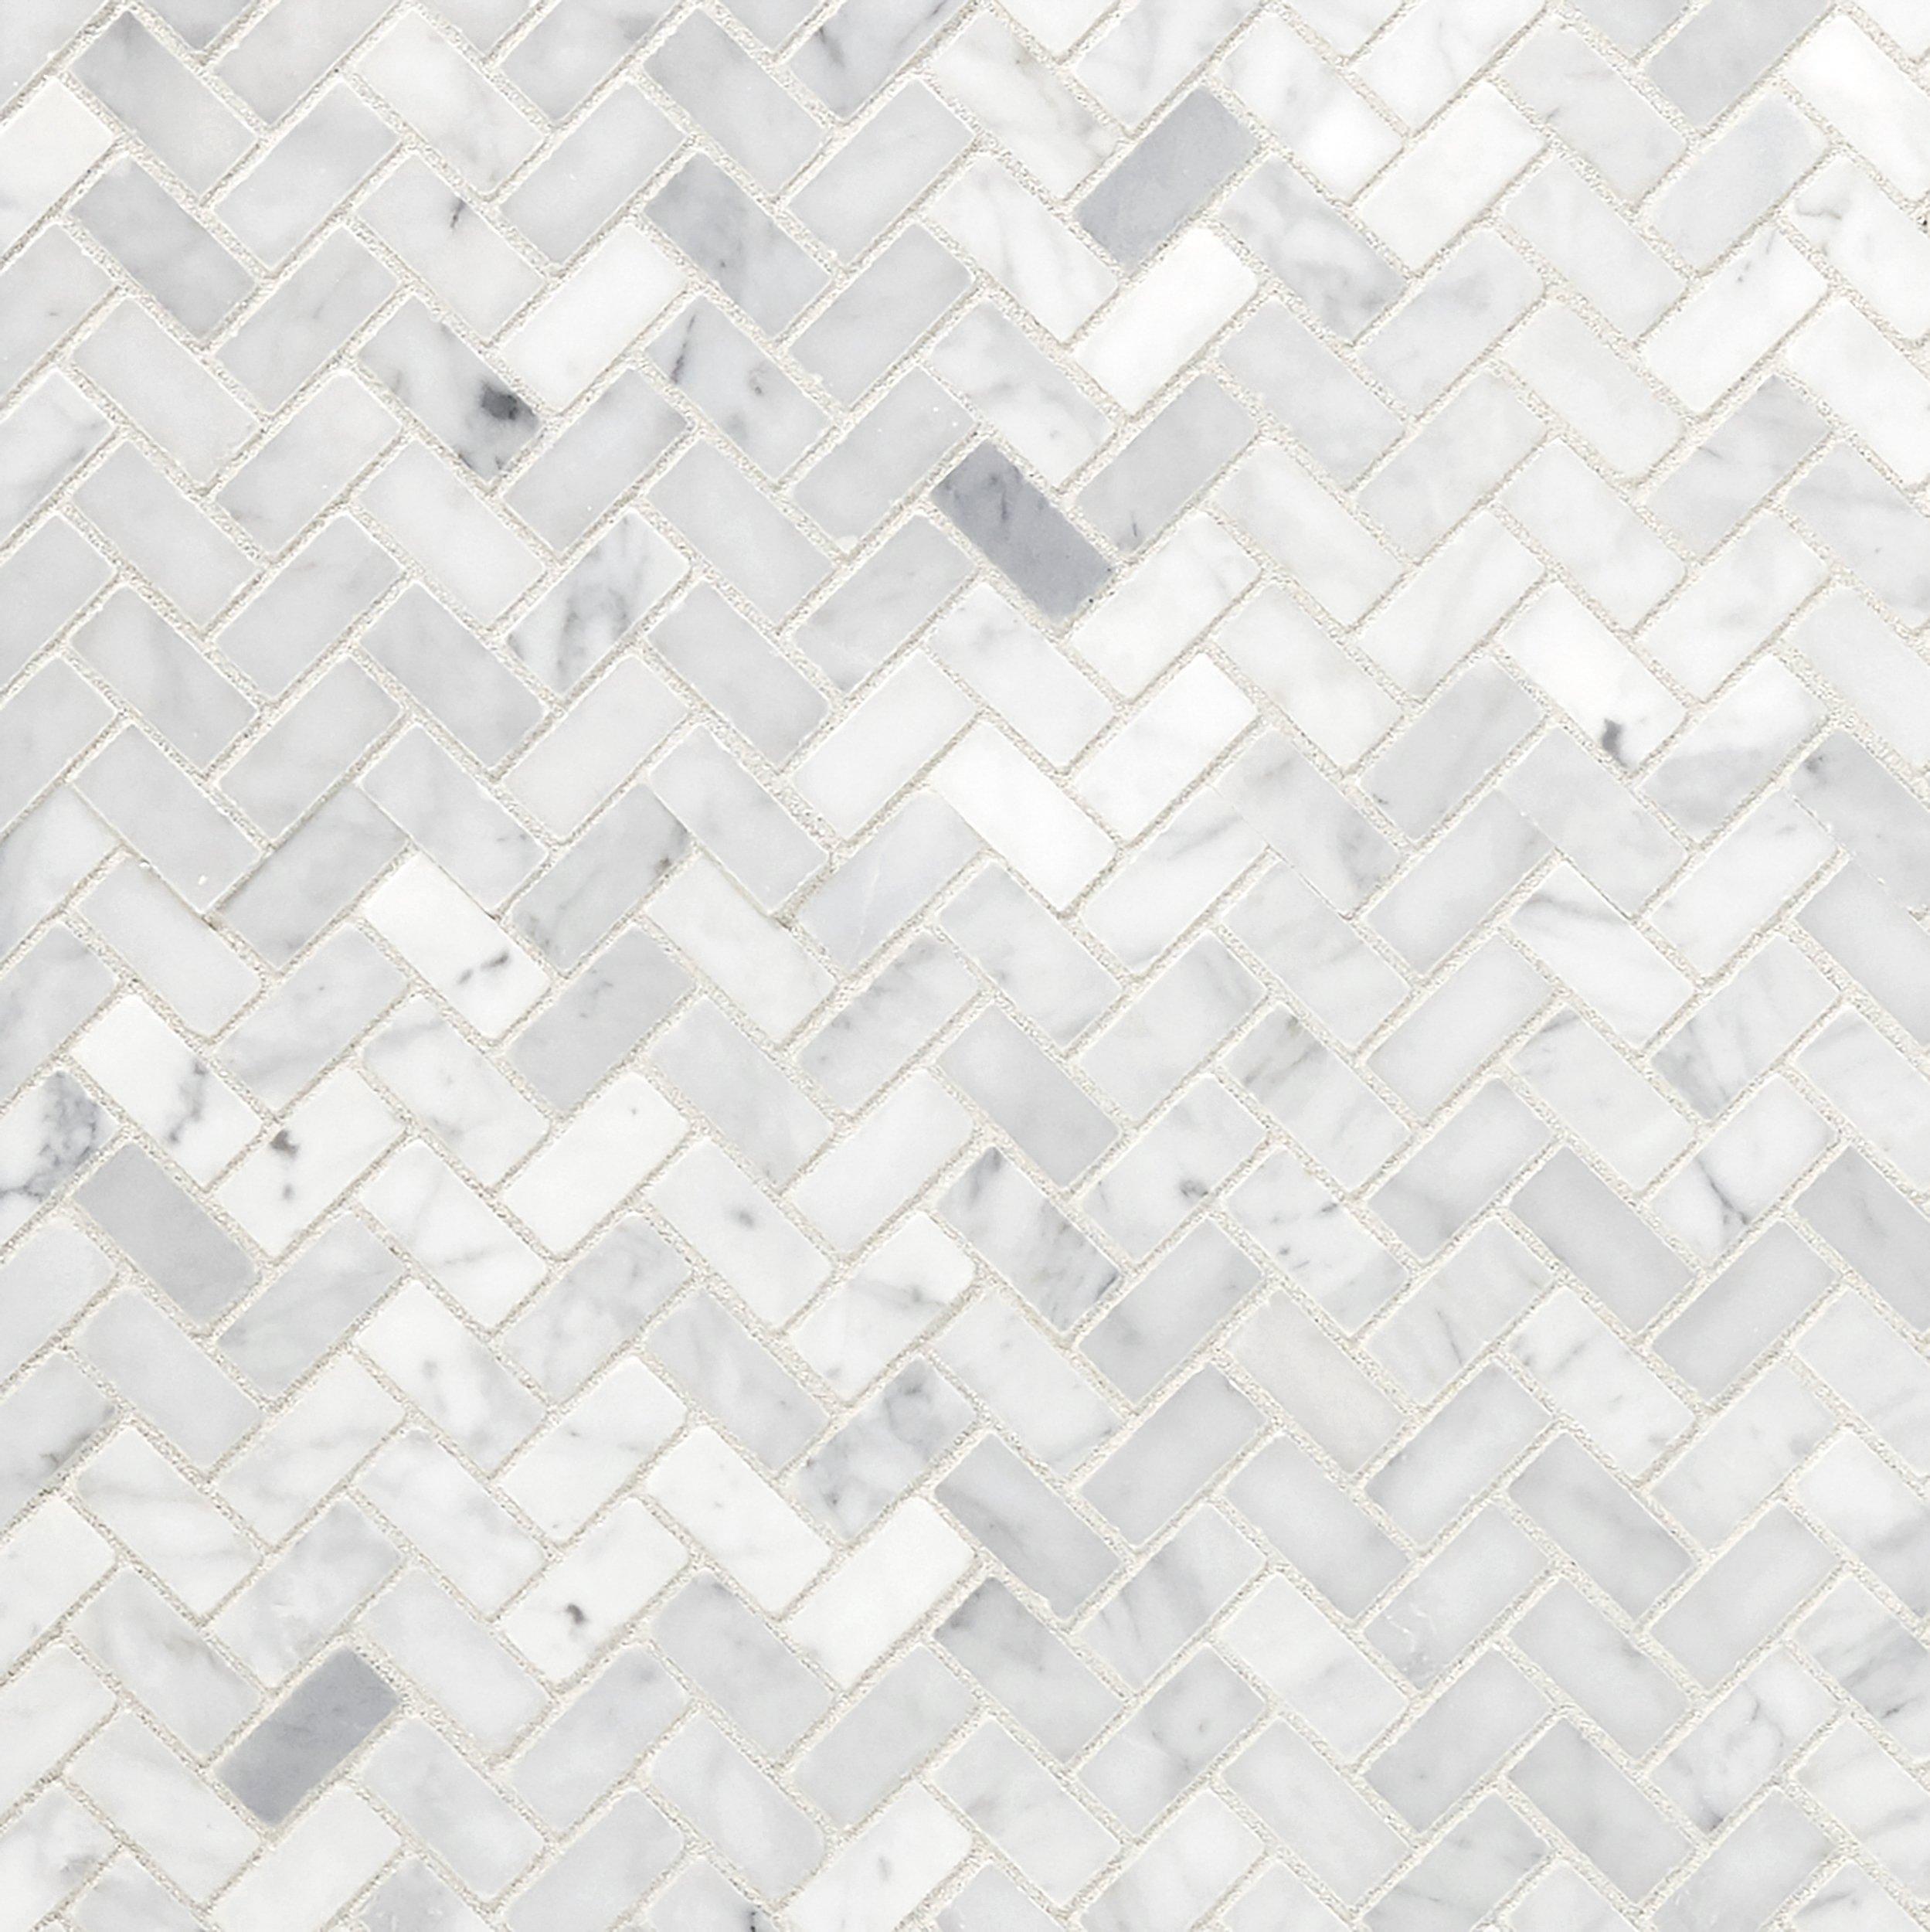 Bianco Carrara Herringbone Marble Mosaic In